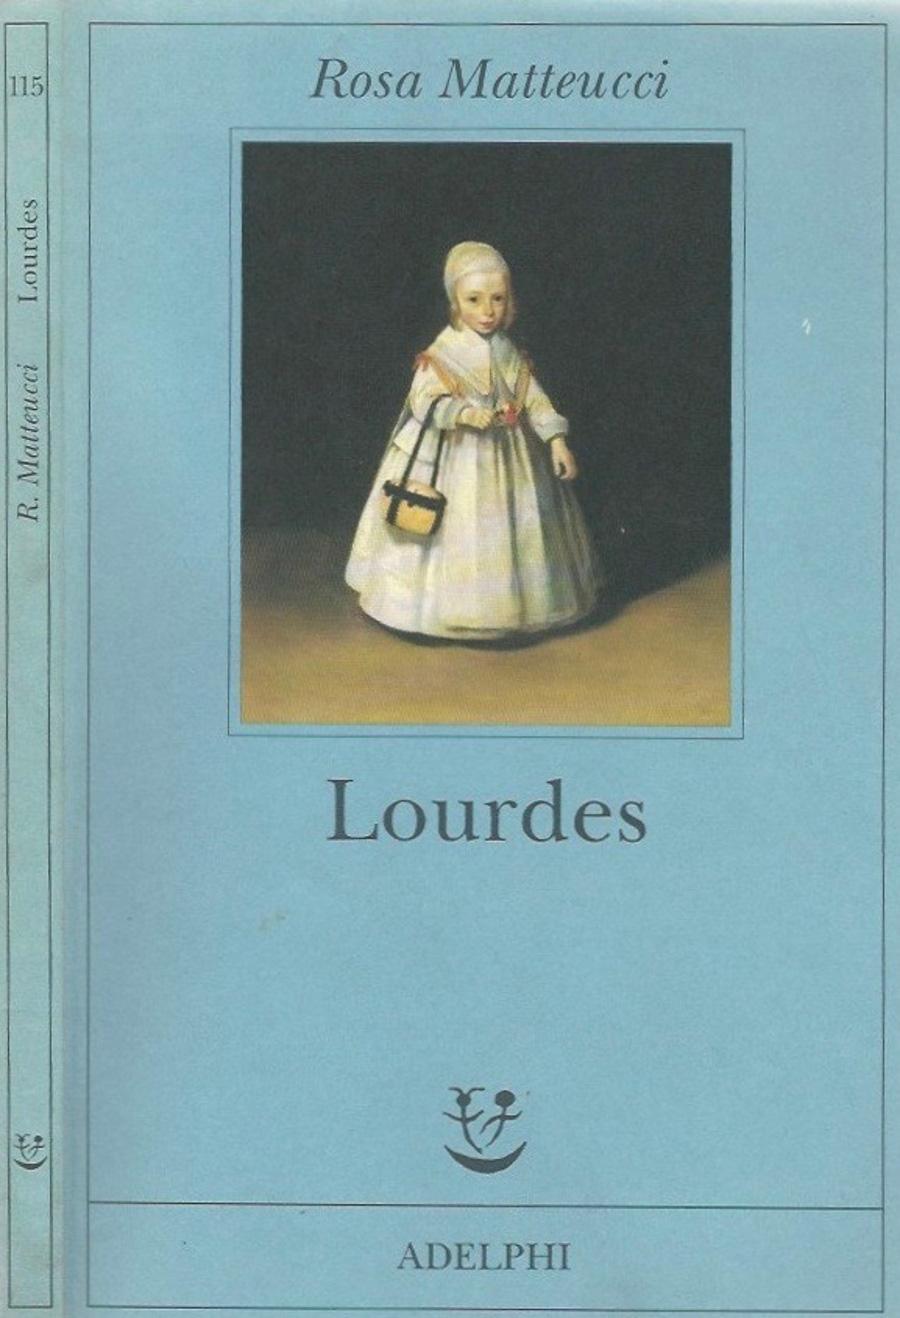 Lourdes - Rosa Matteucci